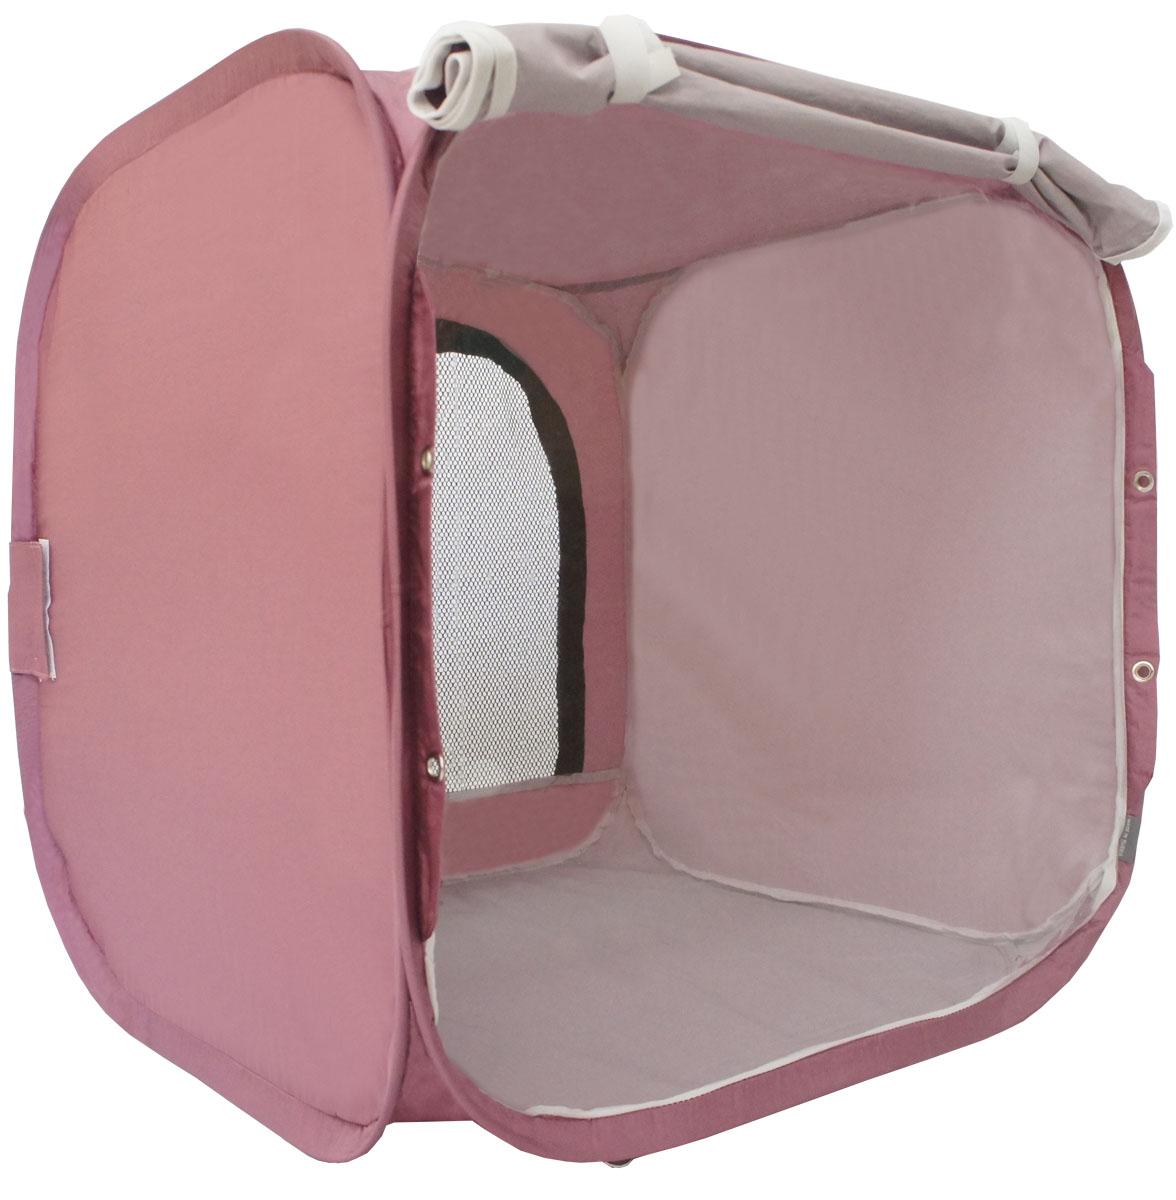 Палатка для выставки животных Шоу-Петс, цвет: бордовый, 60 х 60 х 60 см. ПВЛ1Б0120710Палатка Шоу-Петс разработана профессиональными заводчиками для тех, кто хочет перемещаться и выставляться со своими питомцами легко и комфортно.Палатка разворачивается и сворачивается за 30 секунд. Экран палатки выполнен из суперпрозрачной пленки, шторка по желанию может опускаться и полностью закрывать экран от взглядов посетителей выставки.Палатка сворачивается восьмеркой в компактный блинчик и убирается в компрессионный чехол (в комплекте).Также в комплекте к палатке предусмотрены ремни для крепления к столу, ими удобно фиксировать палатку в поезде на верхней полке или в машине.Со стороны заводчика расположен большой удобный вход в палатку на молнии, бегунки молнии фиксируются крепежом, не позволяющим животному самостоятельно открыть вход и выбраться из палатки.В скрученном виде палатка практически не занимает места в багаже и не ощущается по весу. Данный размер палатки предназначен для комфортного размещения на выставке одного животного среднего размера.Материал палатки очень прочный и устойчивый на разрыв.